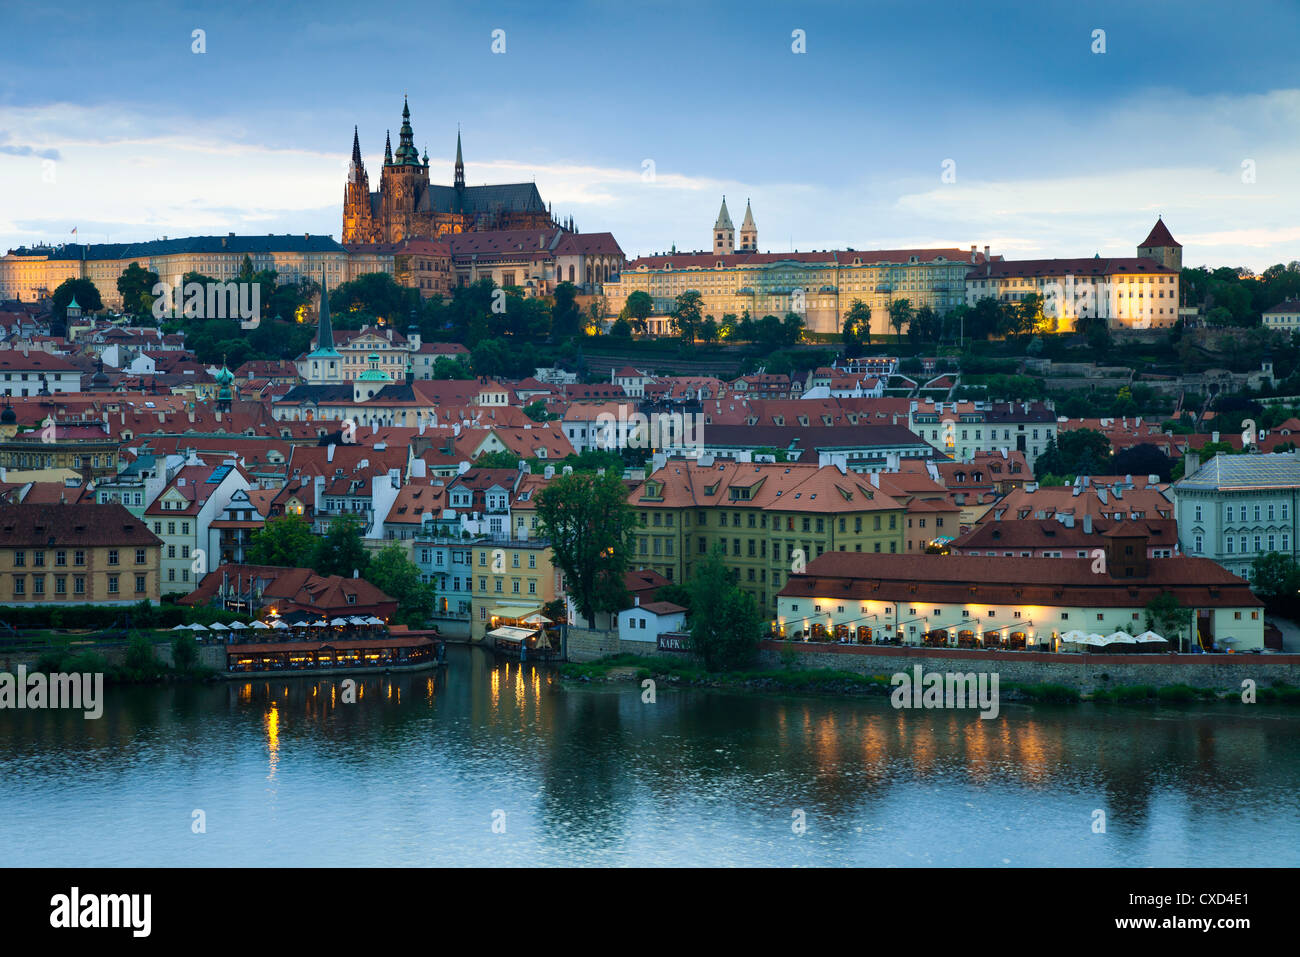 Catedral de San Vito, el río Vltava y el barrio del castillo iluminado en la noche, Praga, República Checa Imagen De Stock